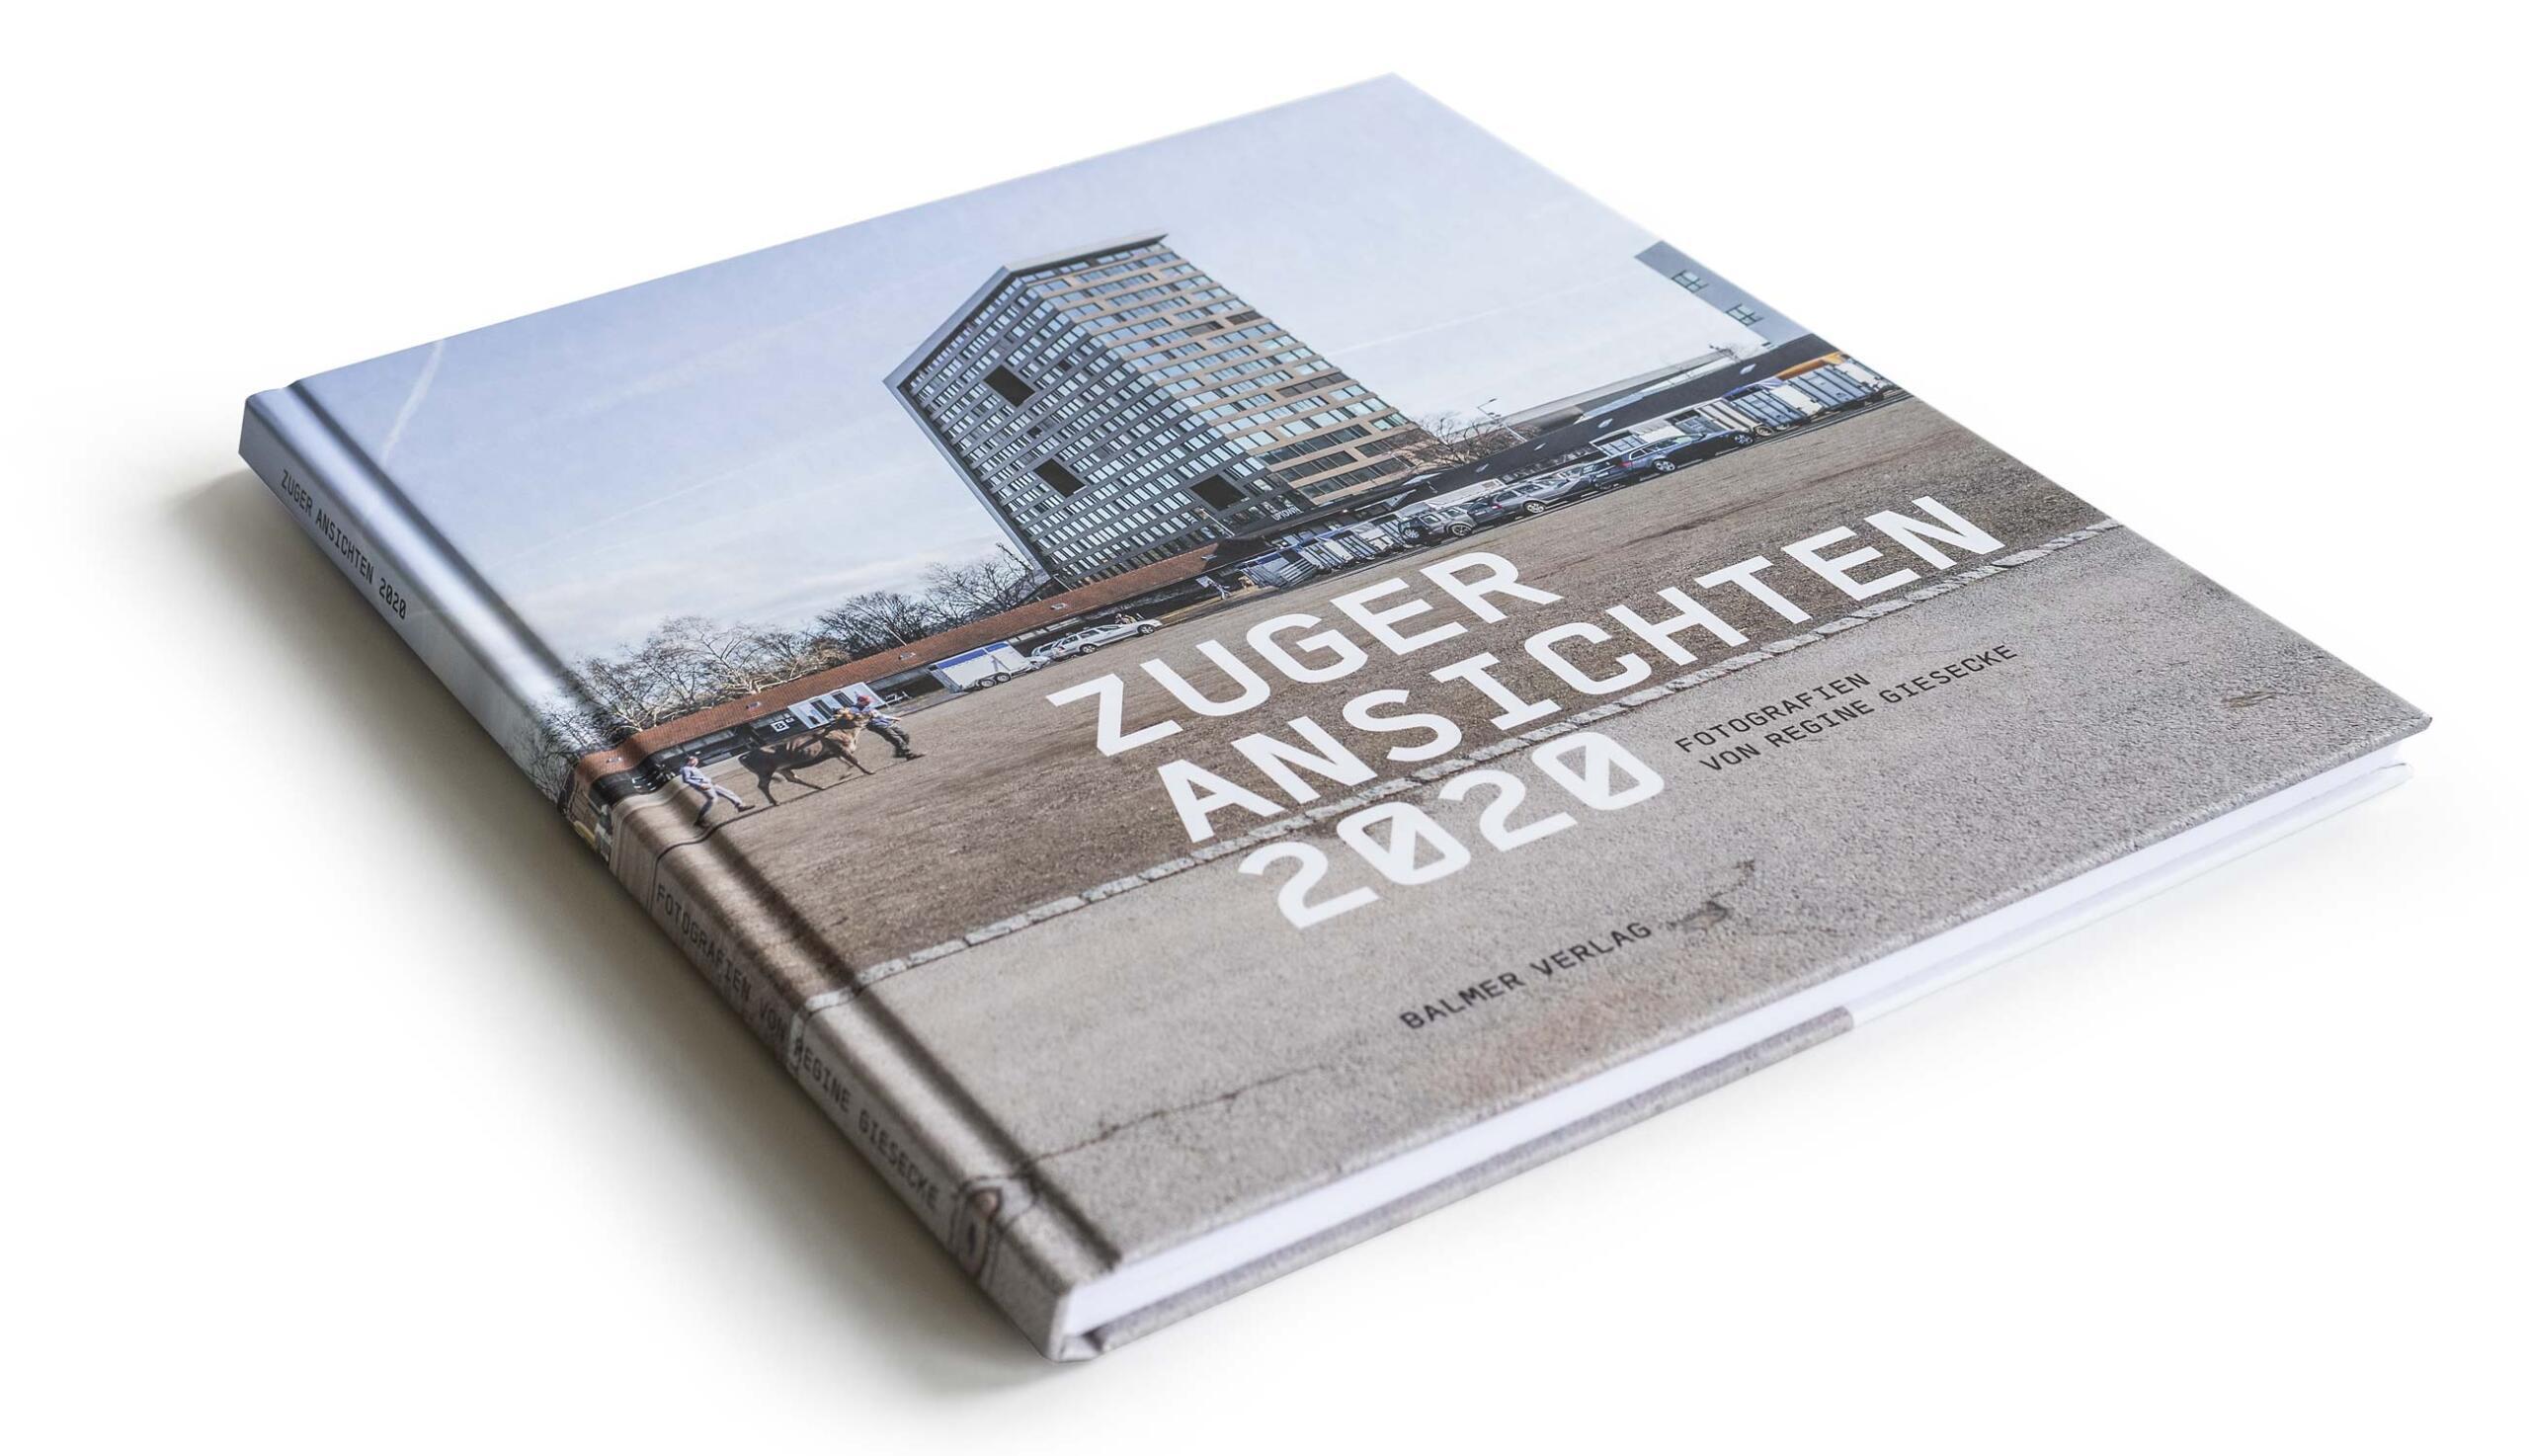 Buch-Zuger-Ansichten-2020-Regine-Giesecke